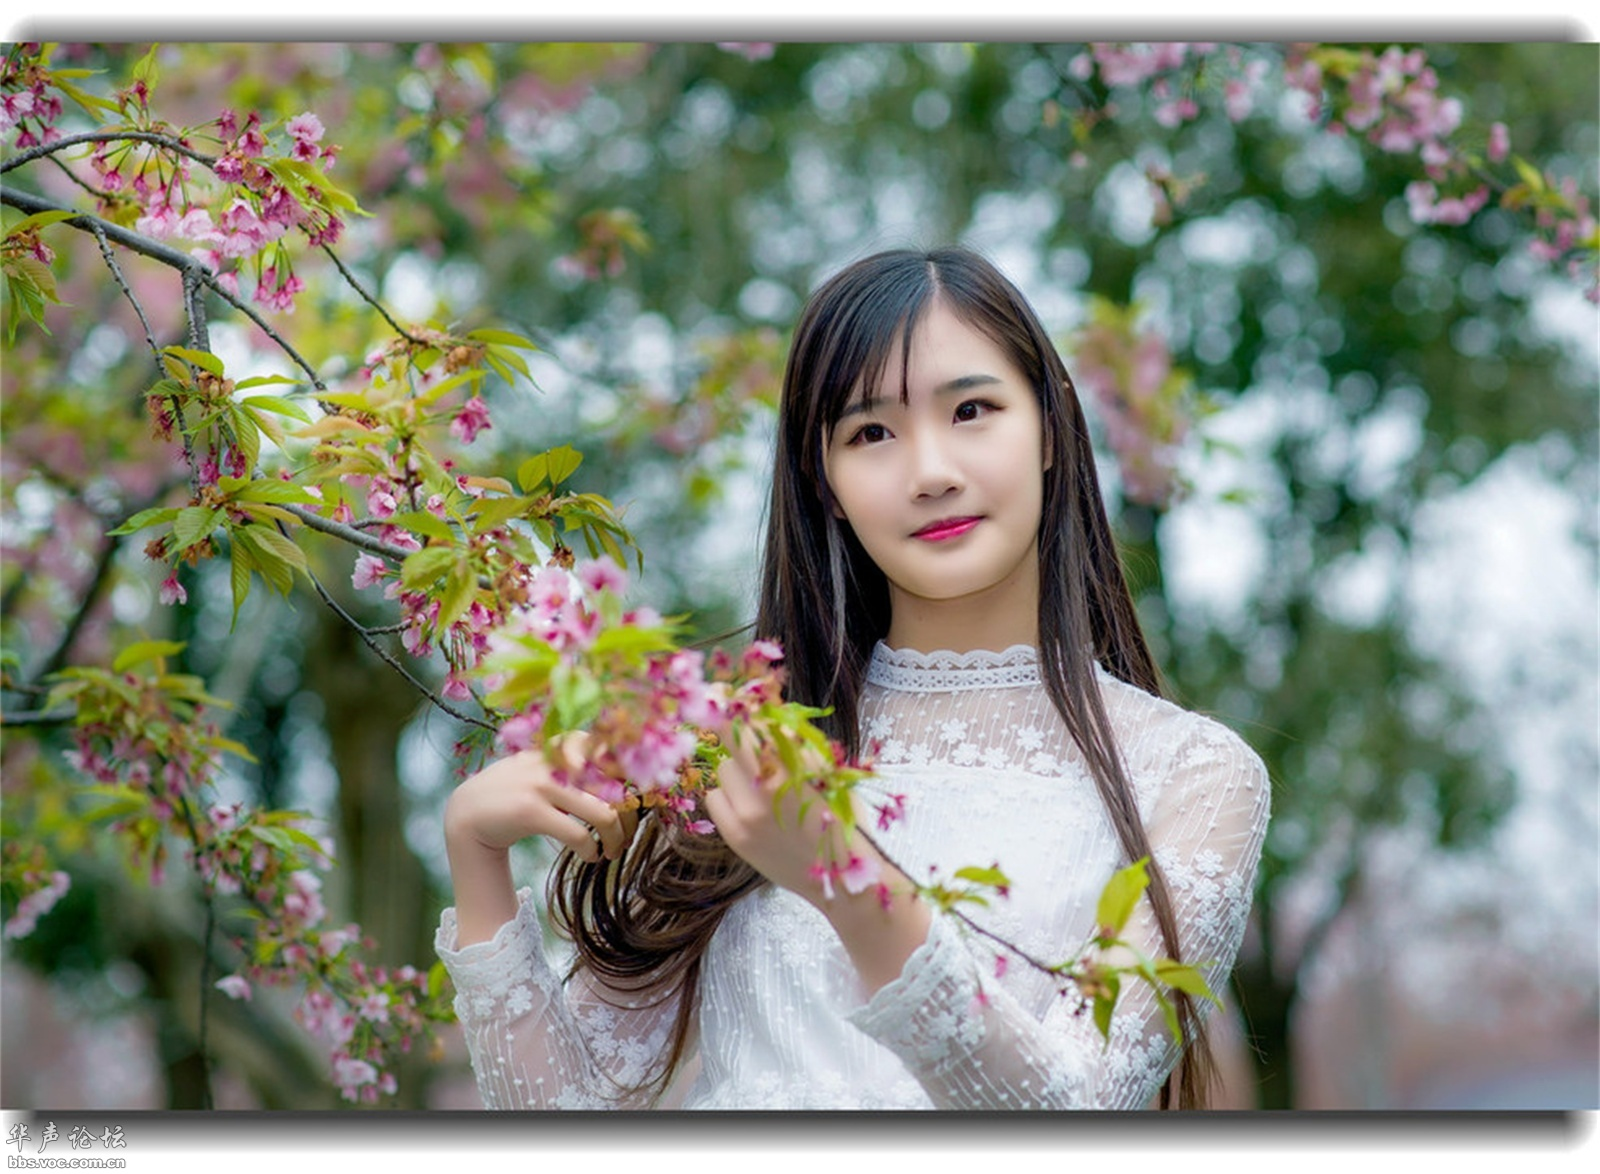 av伦理情色电影_春风一度尽芳菲[30P] / 直播妹妹博客